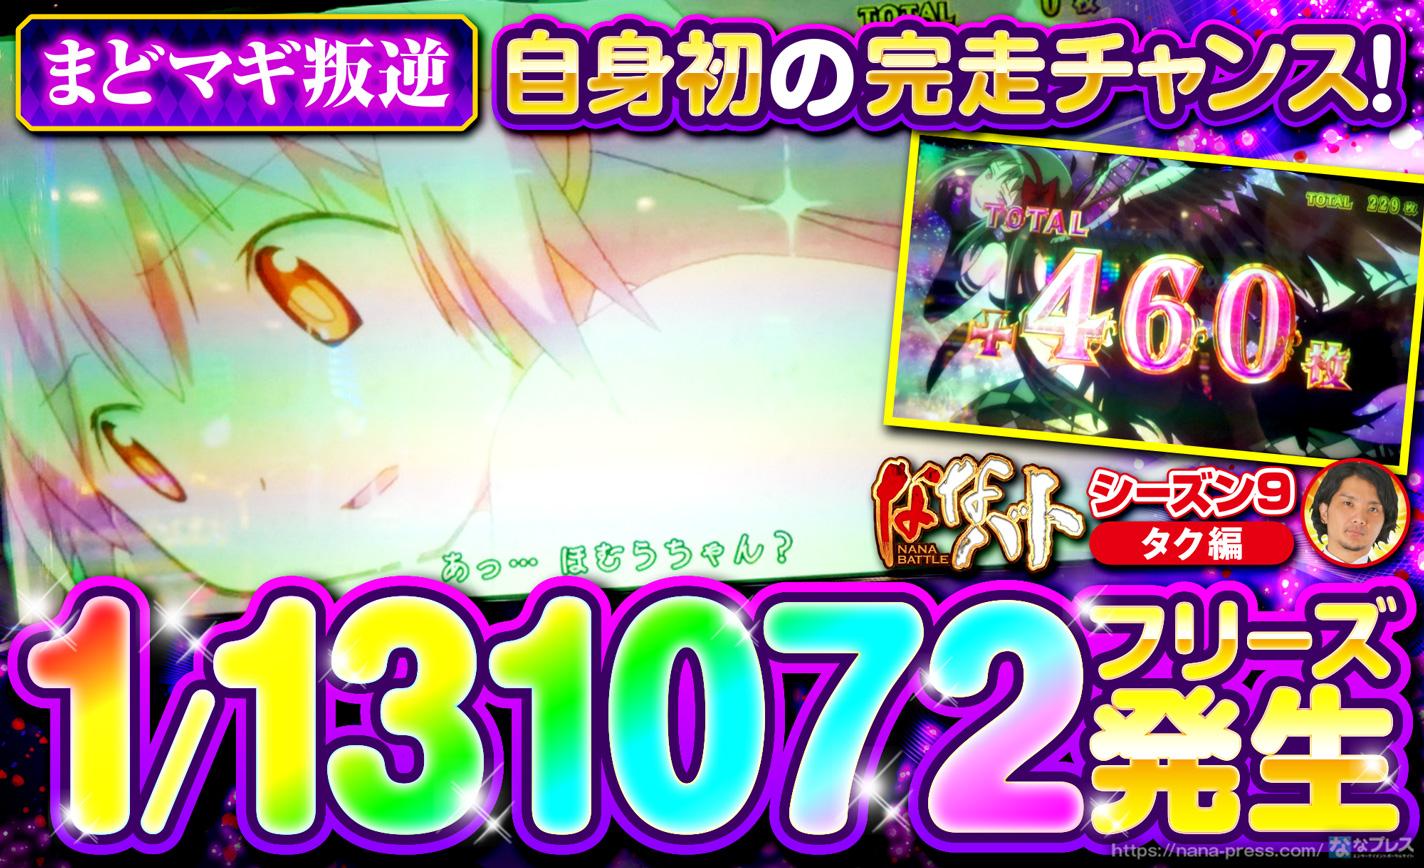 【まどマギ叛逆】1/131072のフリーズ発生で自身初の完走チャンスが到来! eyecatch-image